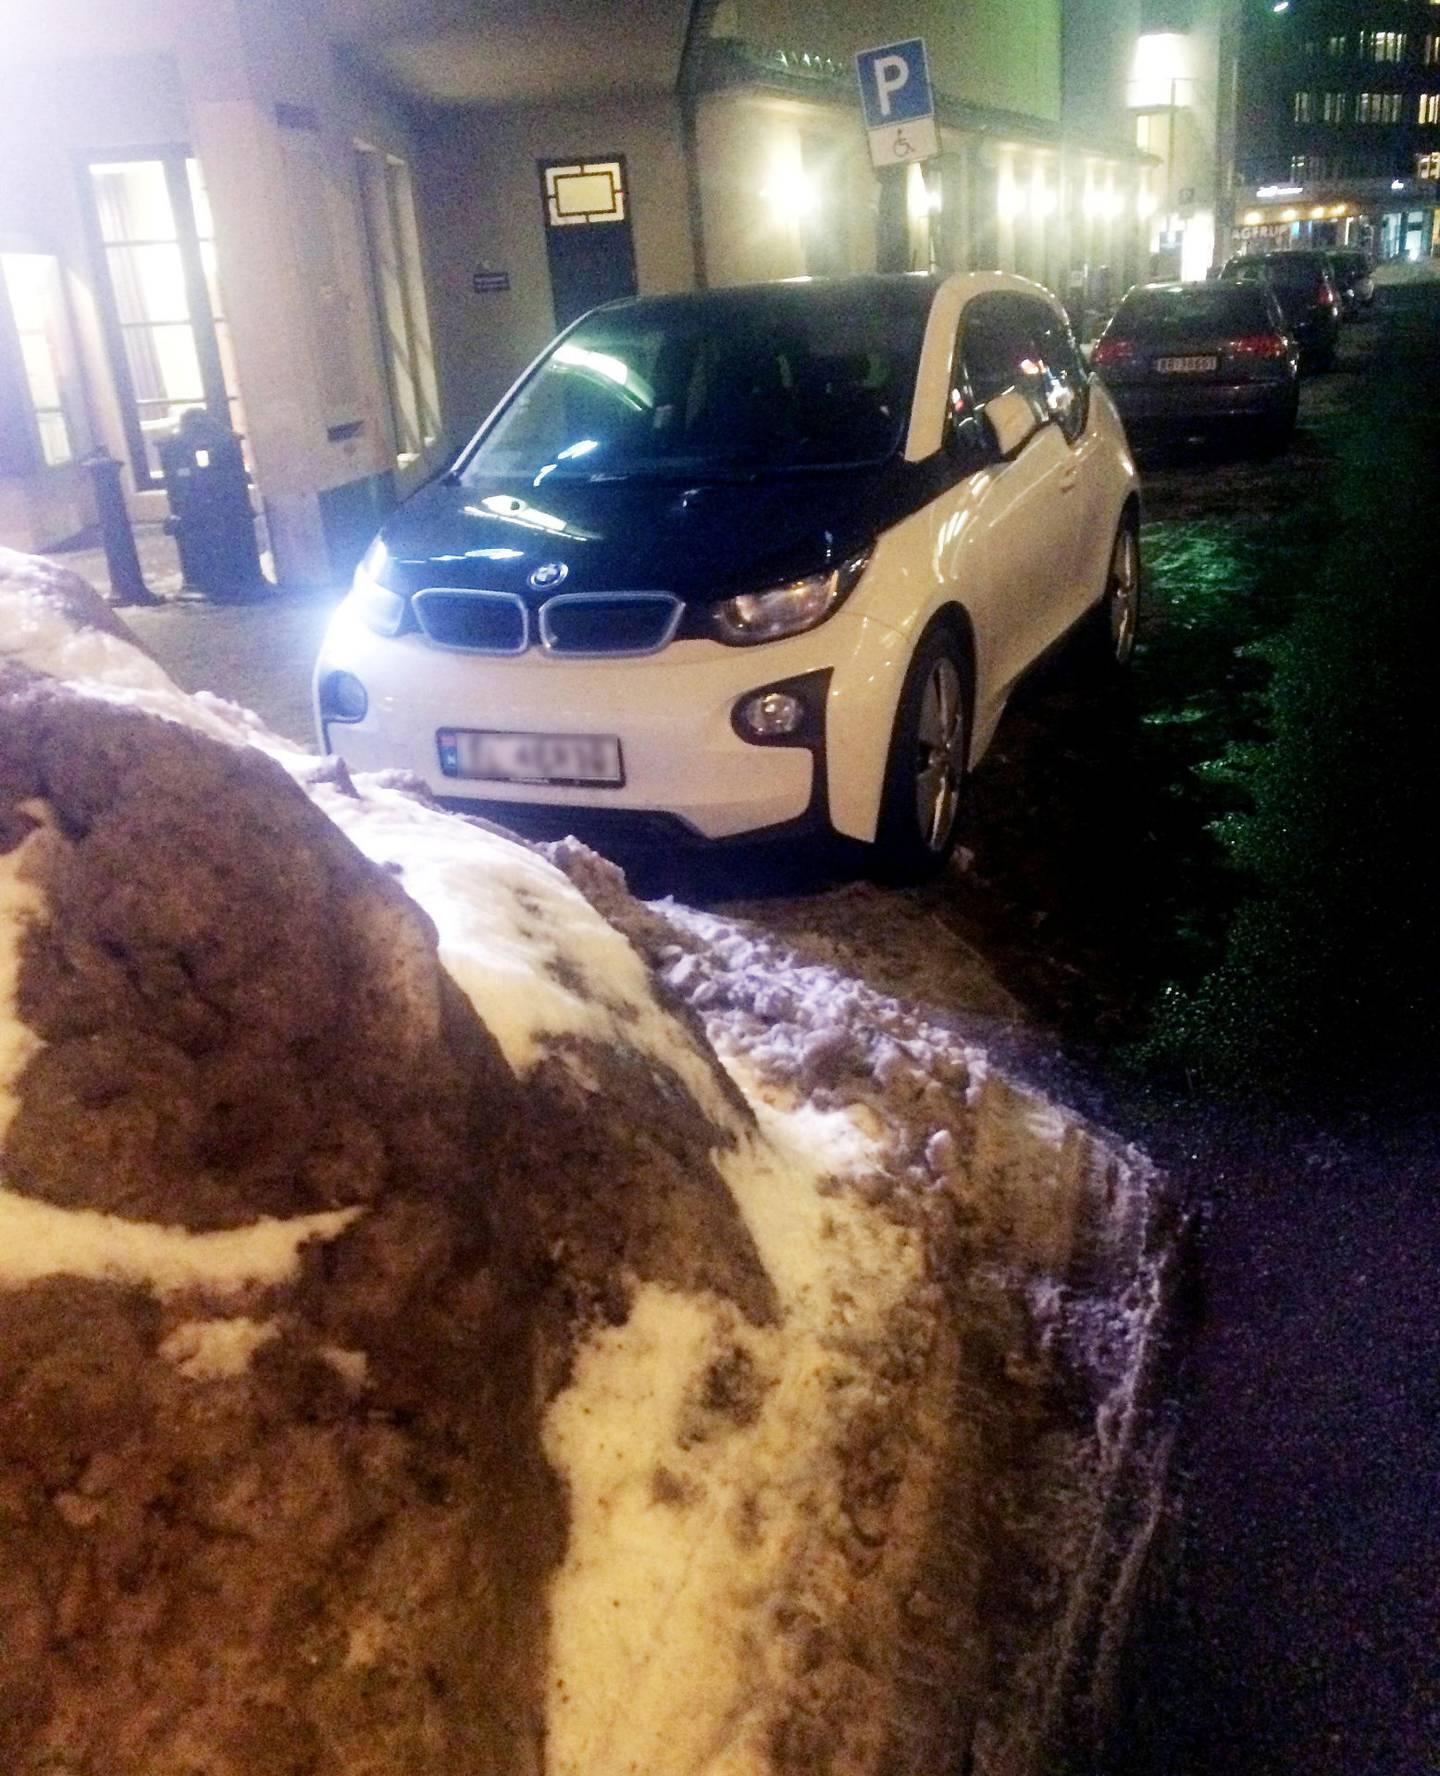 Snødeponi: HC-parkeringen utenfor Colosseum kino var onsdag kveld delvis dekket av snø.